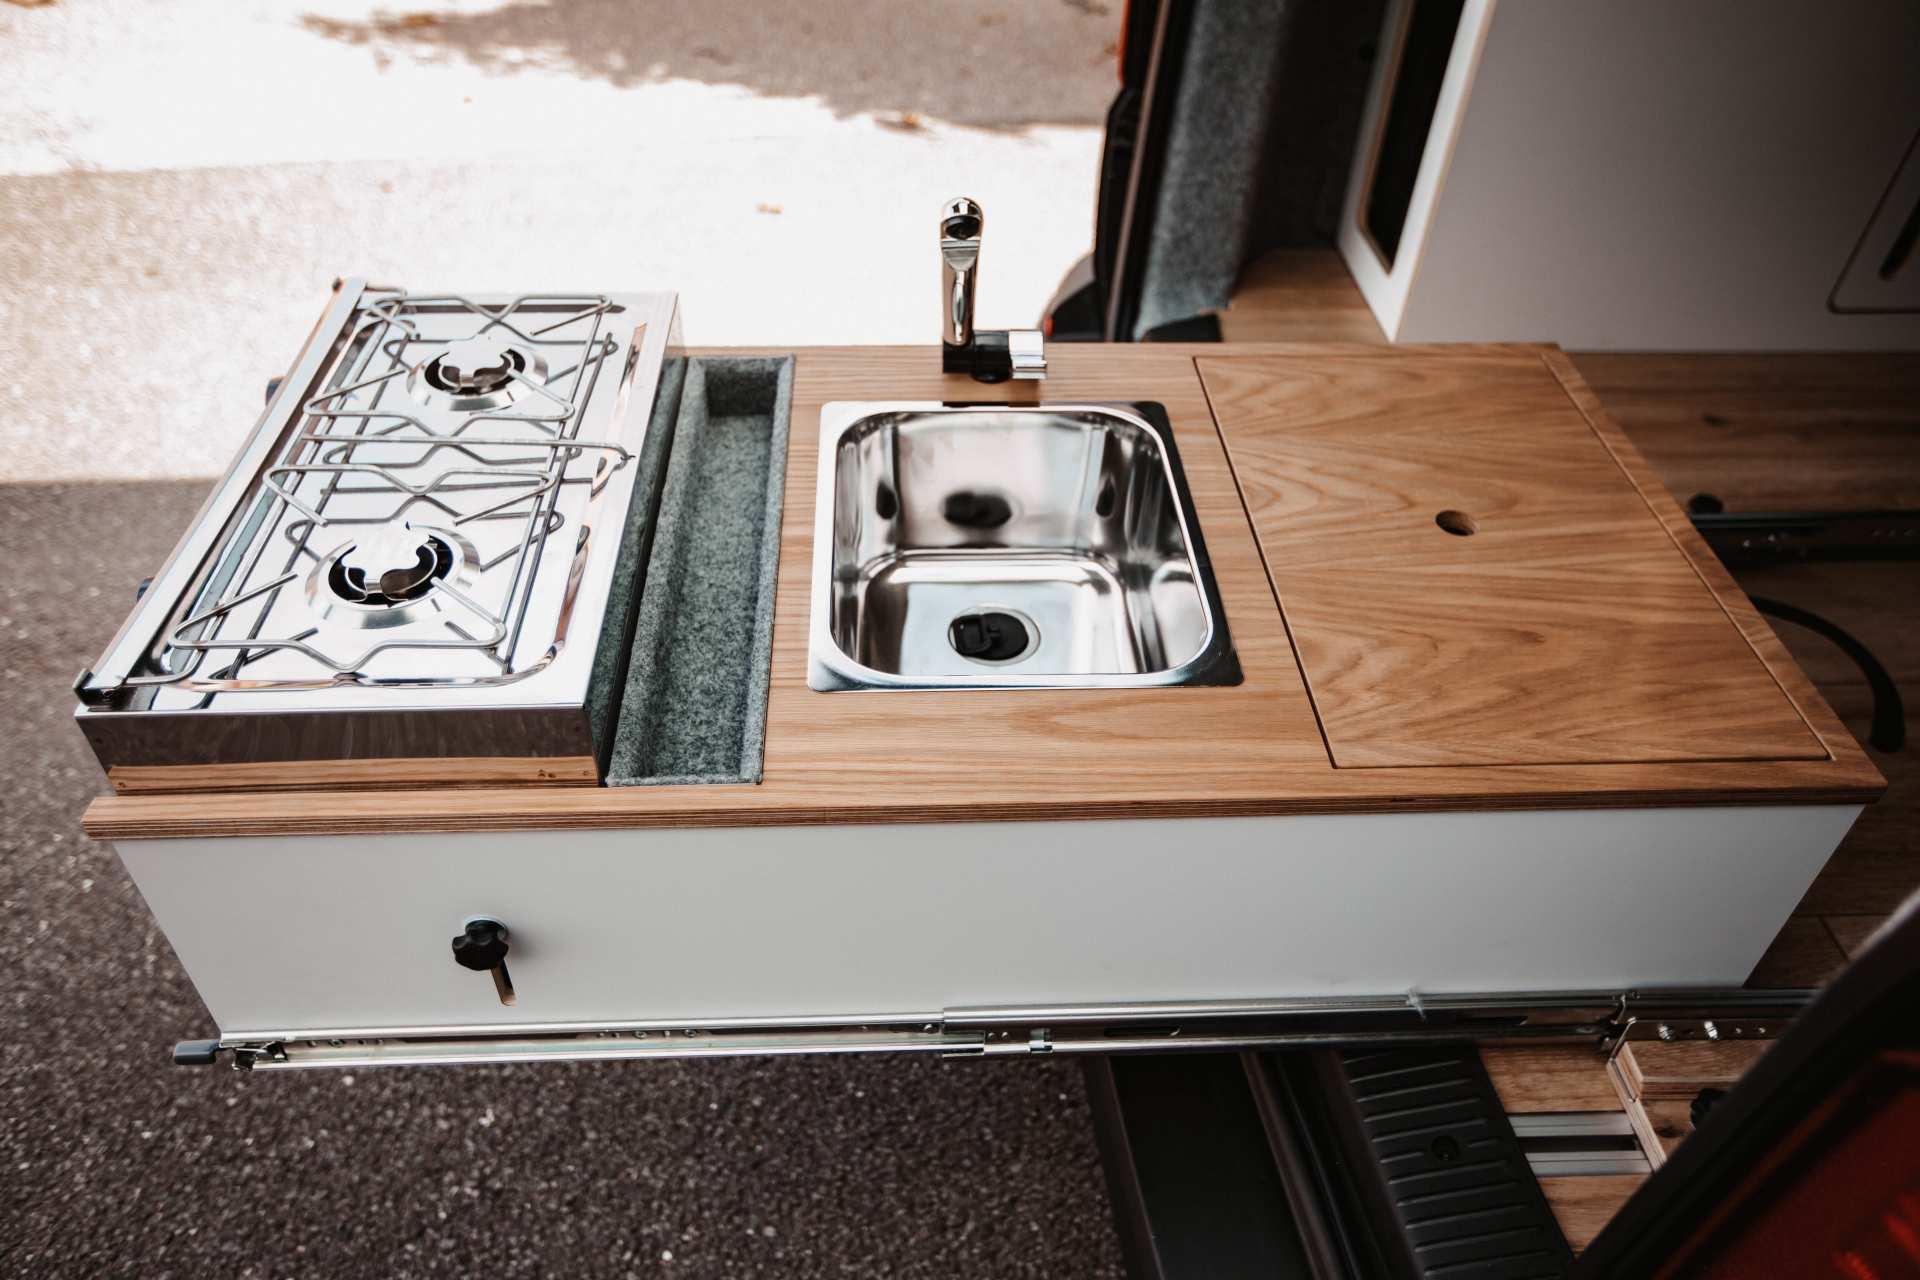 Individualausbau: VW-T6 Campervan - 10